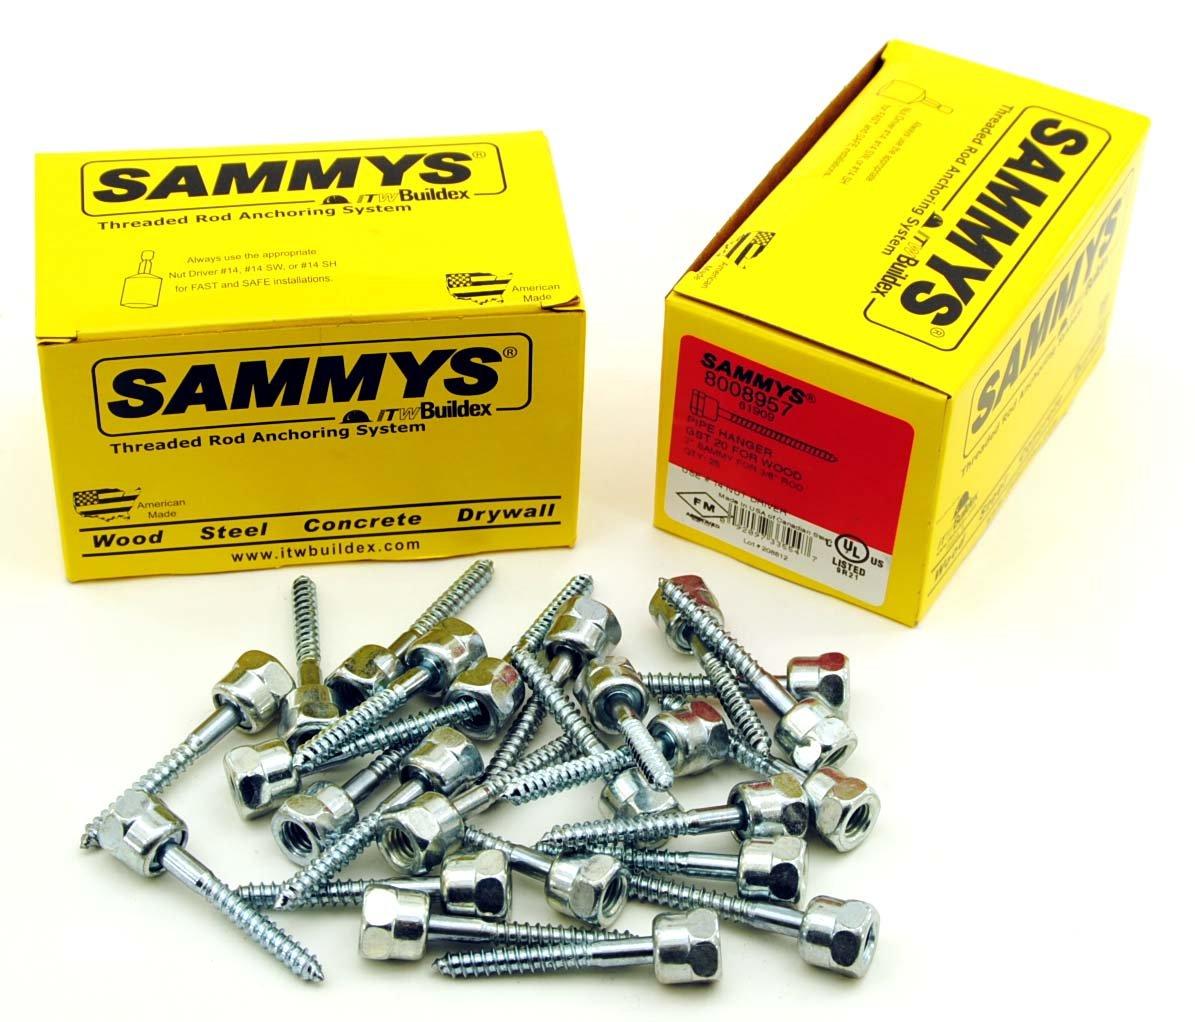 (25) Sammys 3/8-16 x 2 Threaded Rod Hanger for Wood 8008957